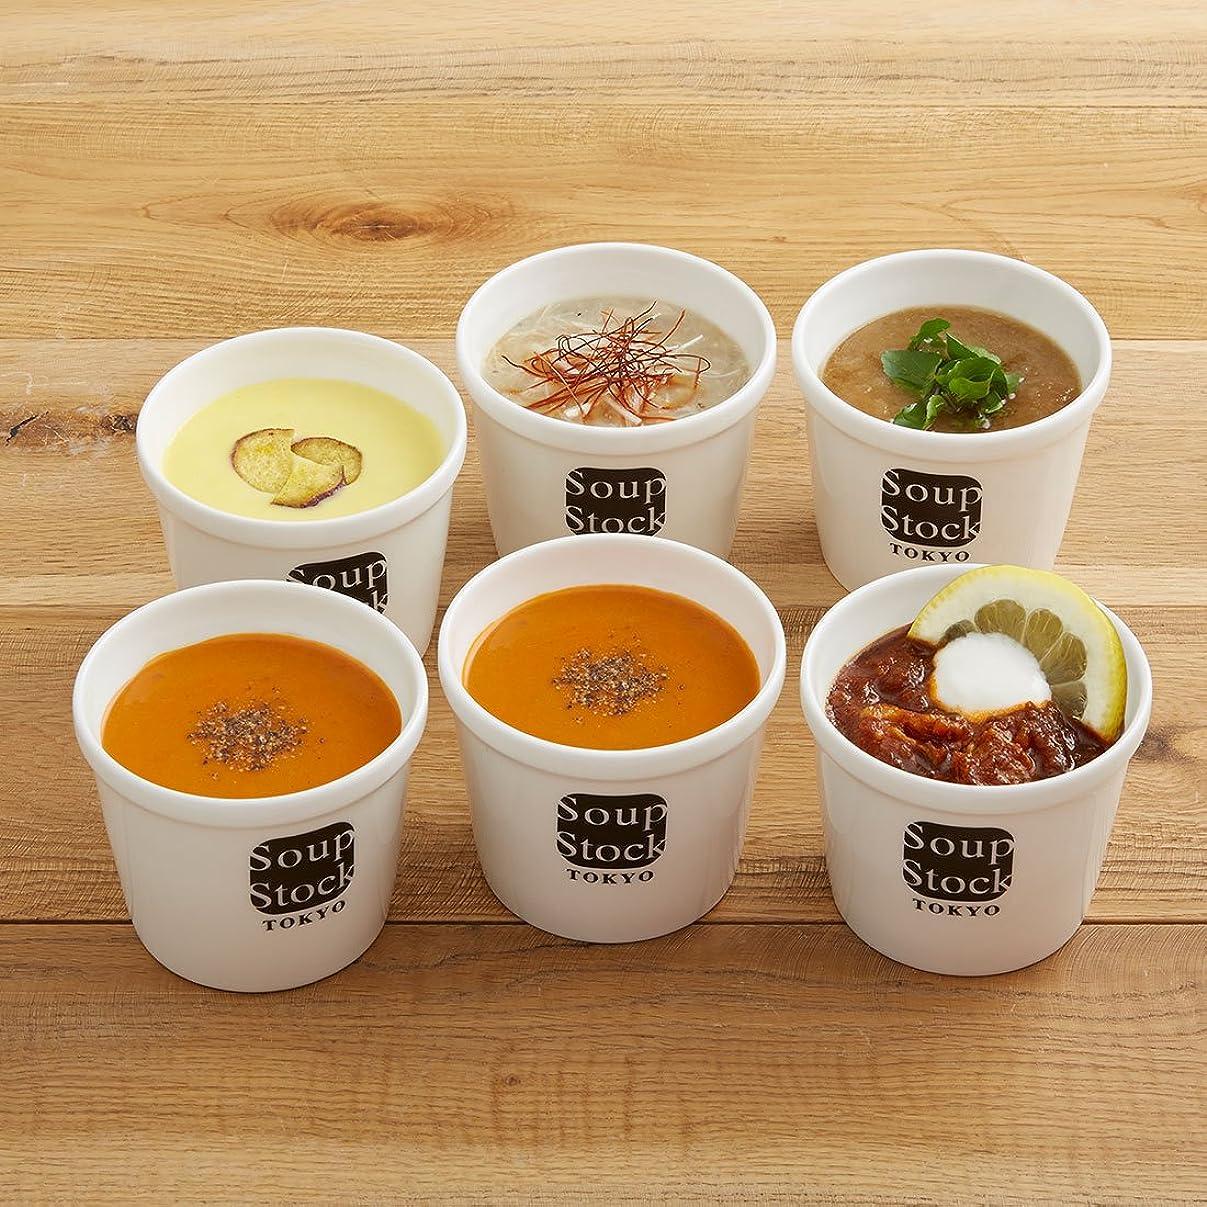 デザート交換可能レッスンスープストックトーキョー スープ 6セット カジュアル箱